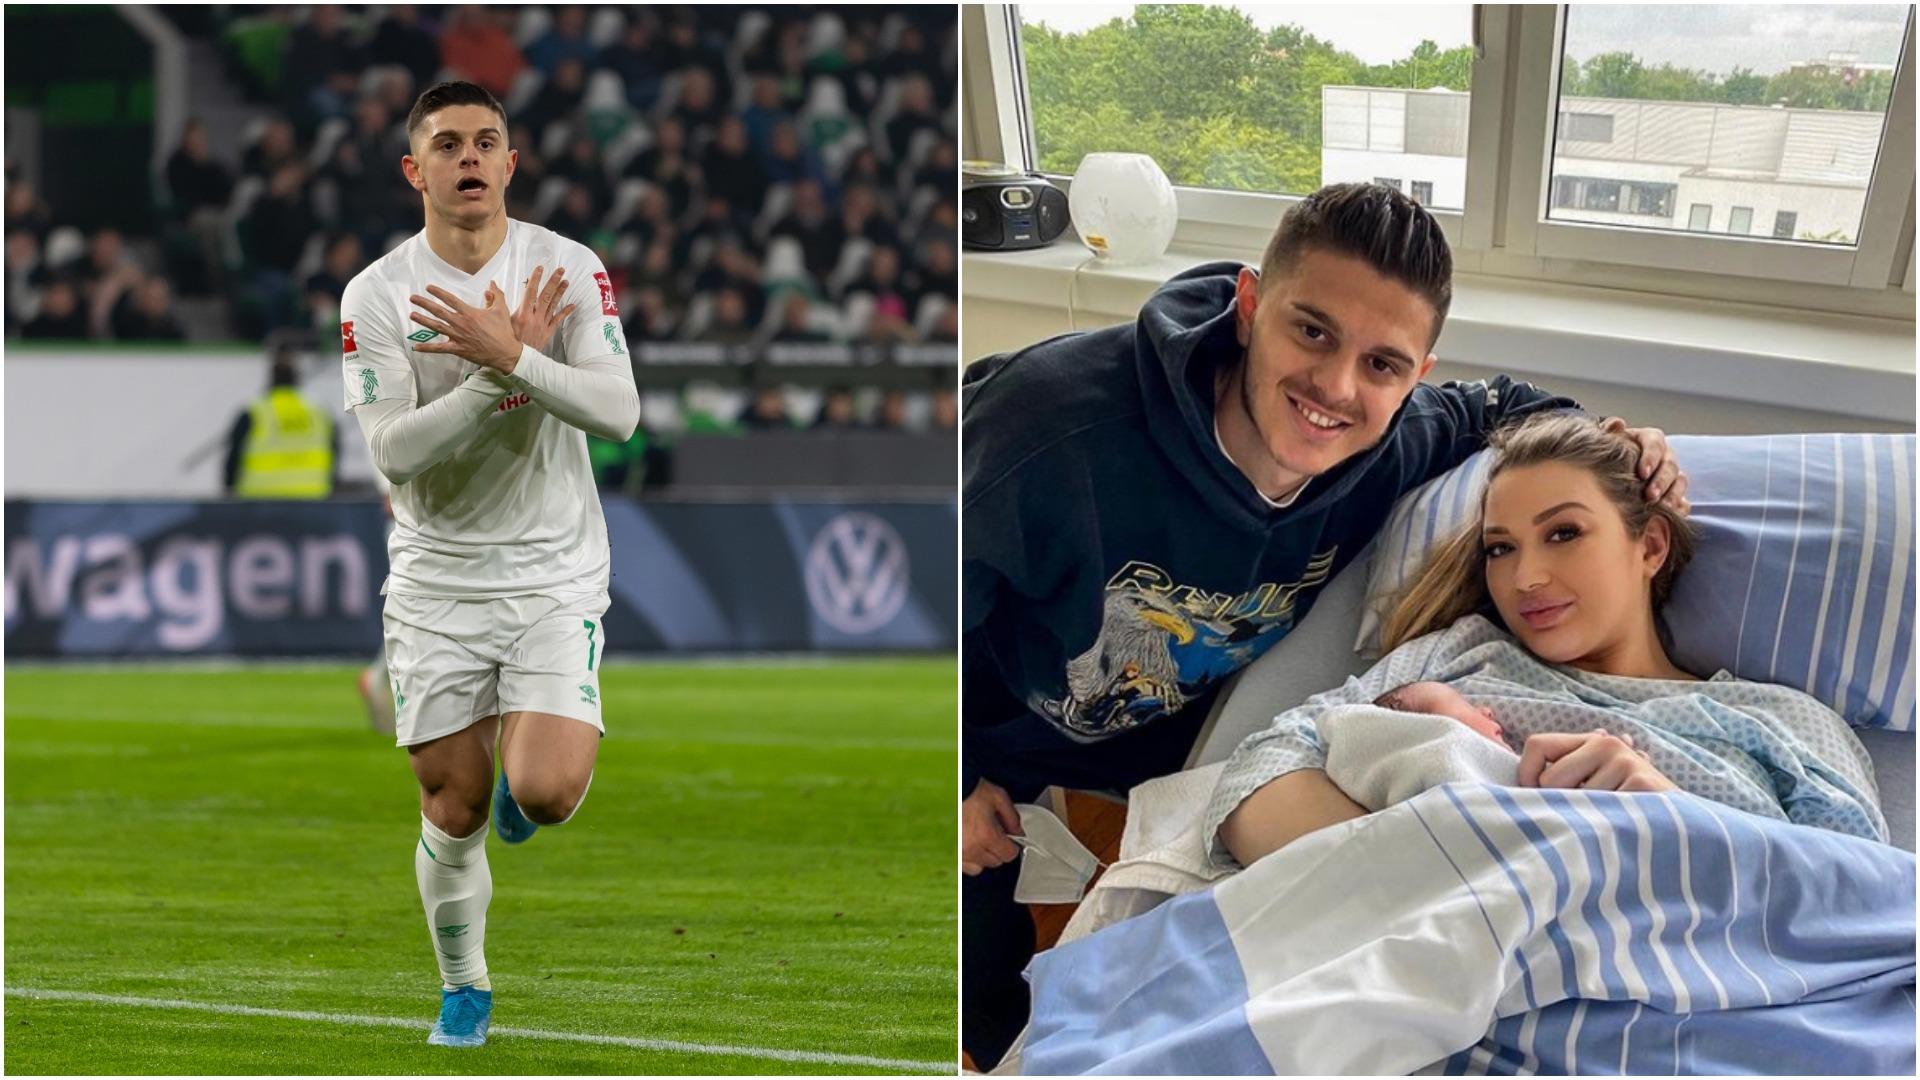 Baba për herë të parë, Milot Rashica ndan me fansat gëzimin më të madh